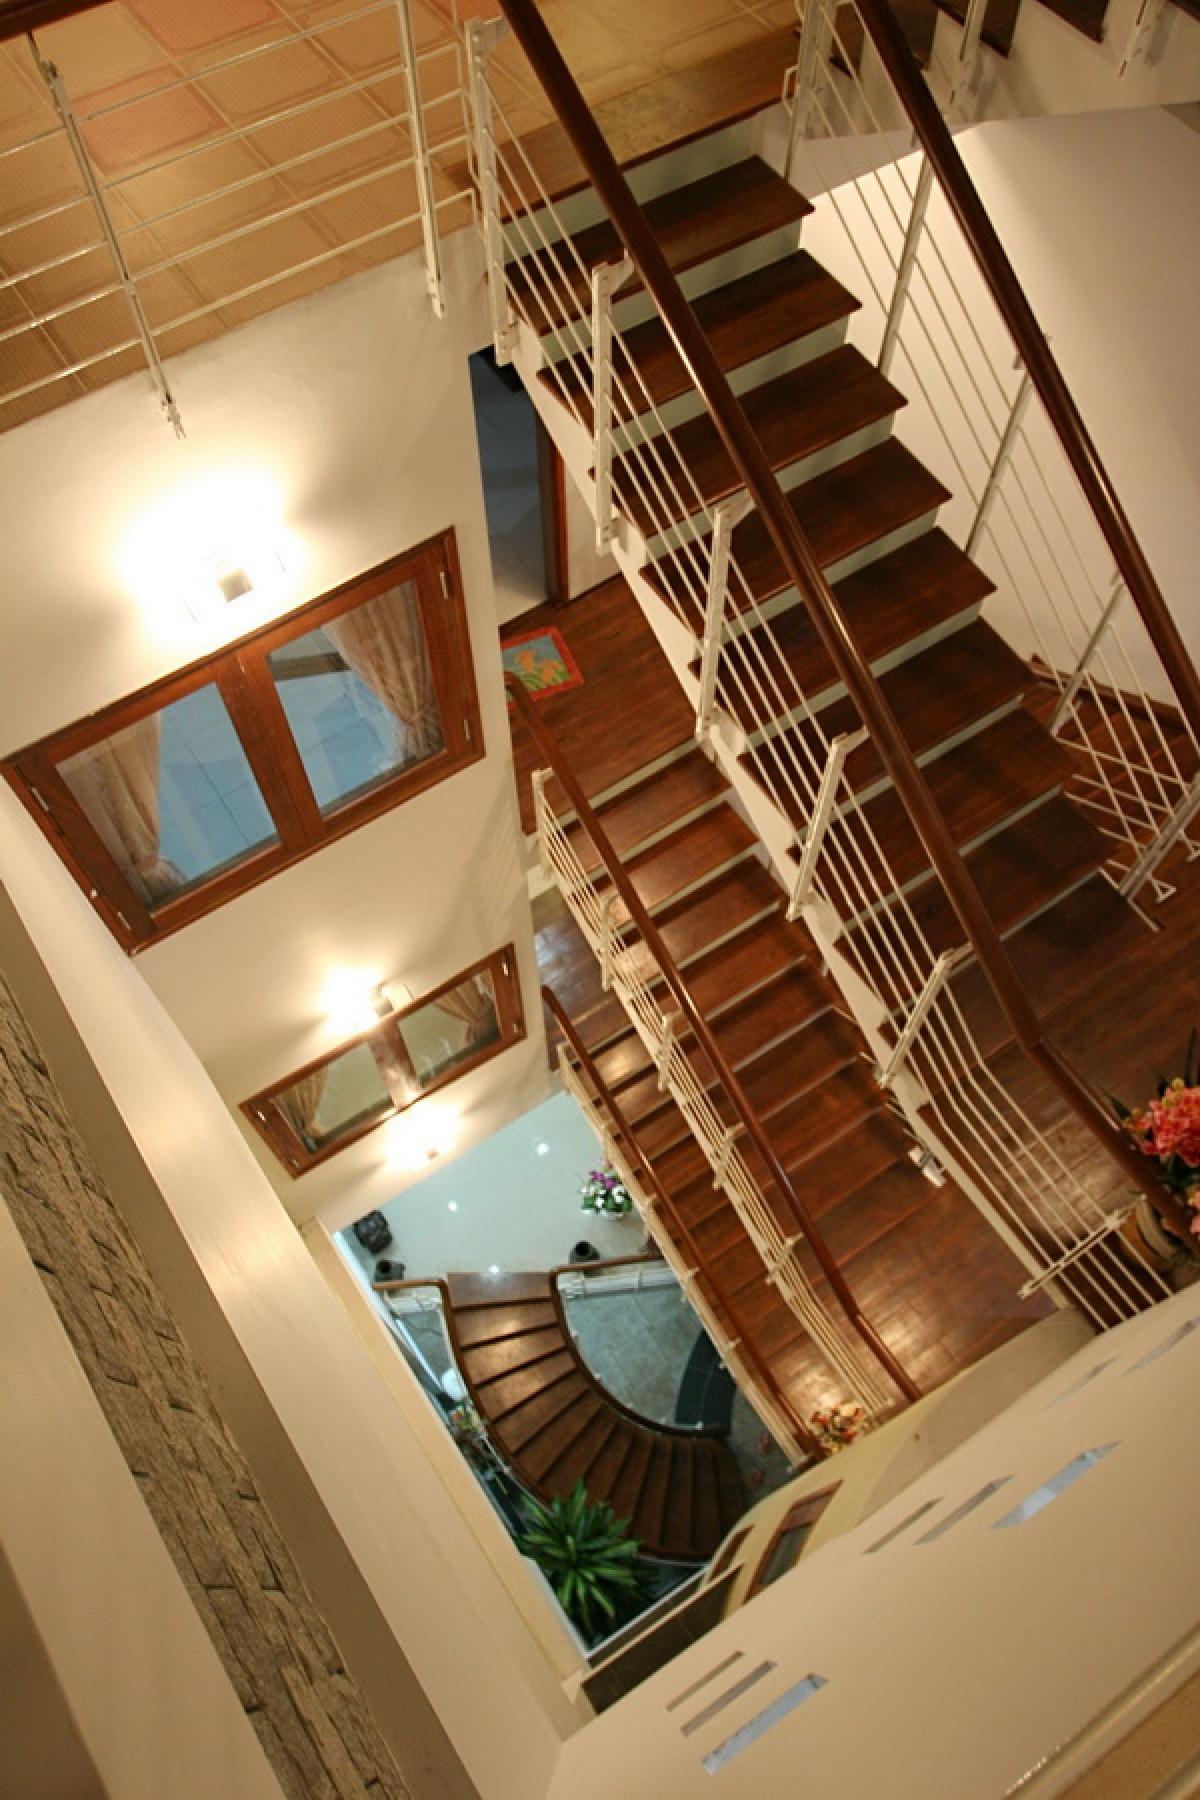 Giếng trời cạnh cầu thang, dưới giếng trời là một vế thang khác biệt làm điểm nhấn.